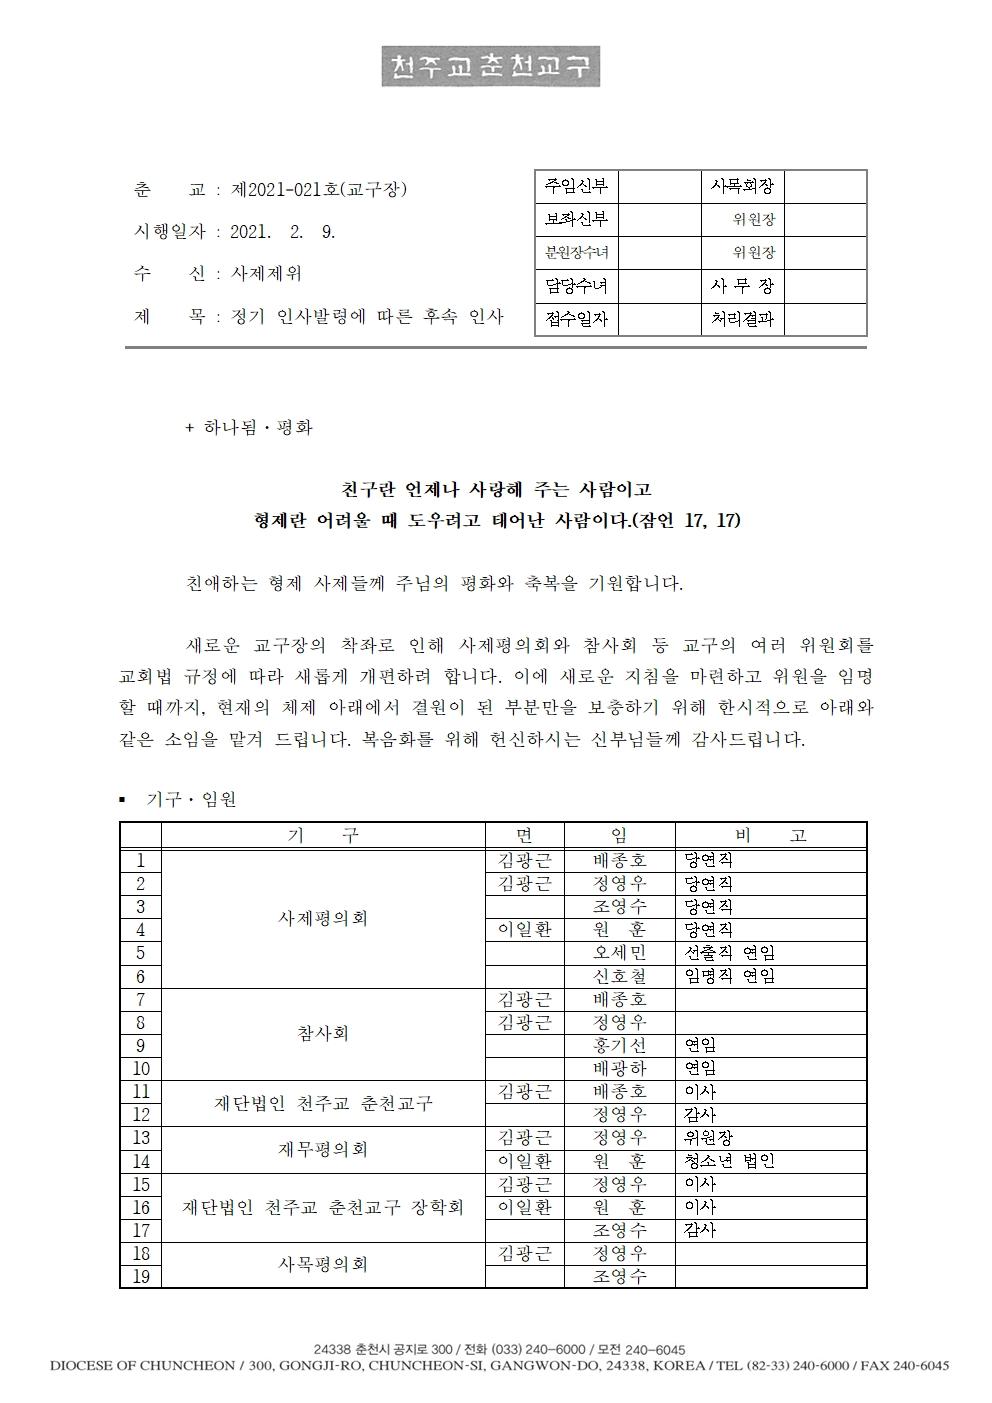 춘교 21-021호 정기 인사발령에 따른 후속인사001.jpg